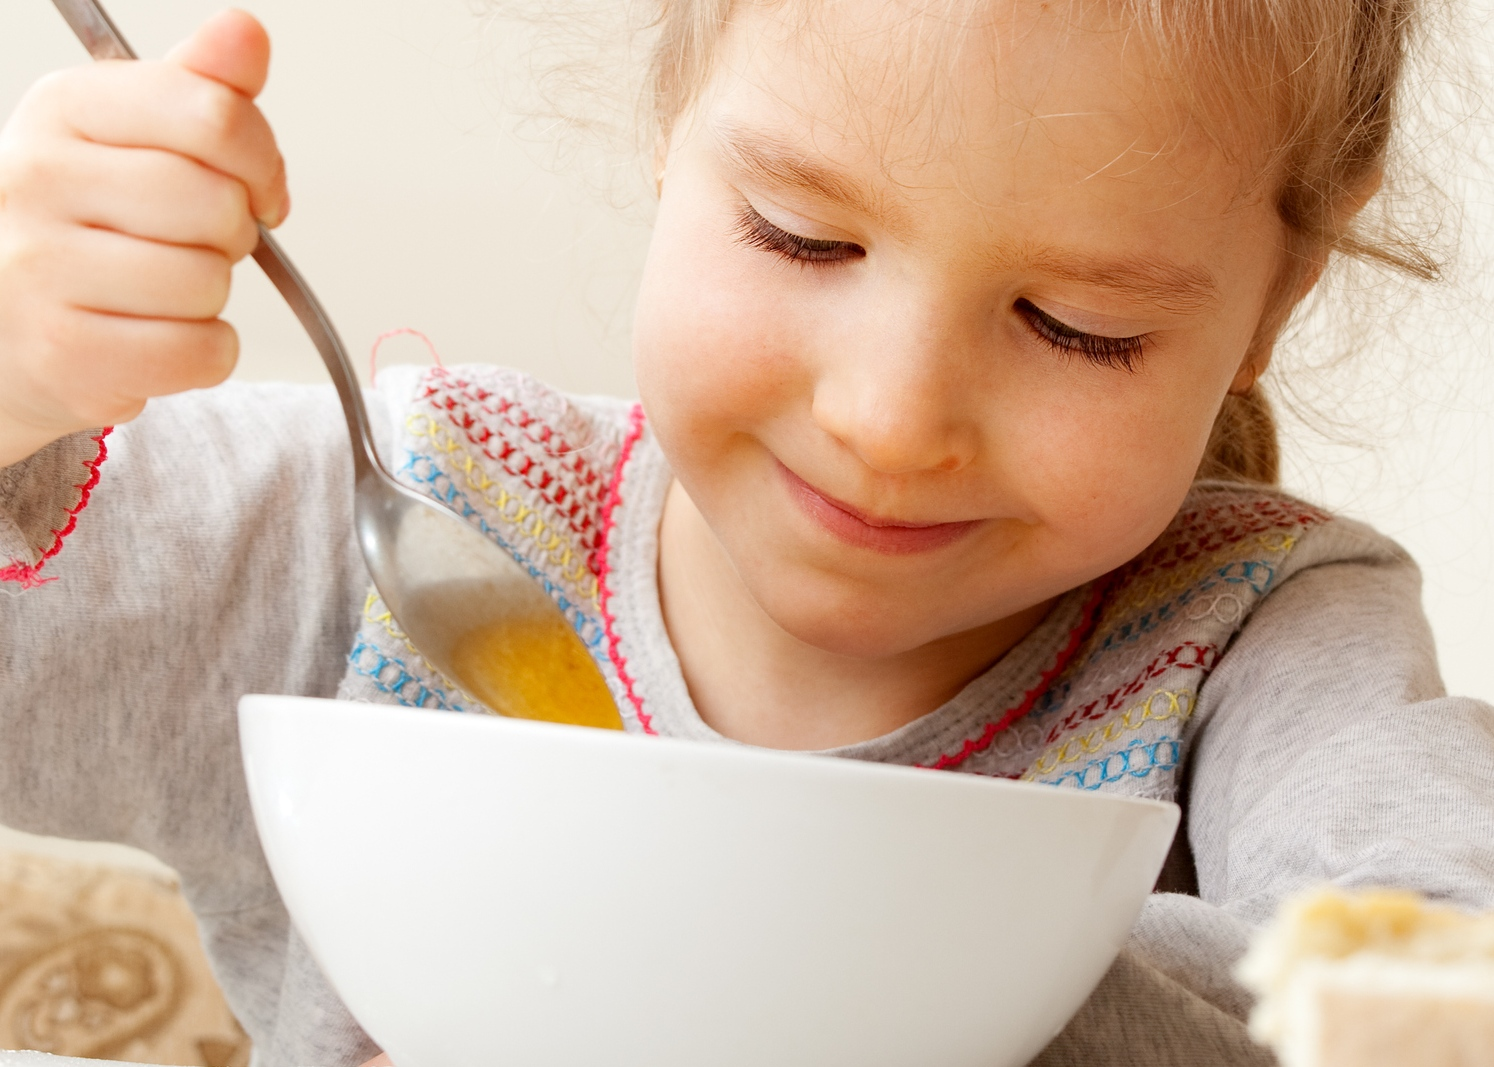 Truques para ajudar as crianças a gostar de sopa: menina a comer sopa